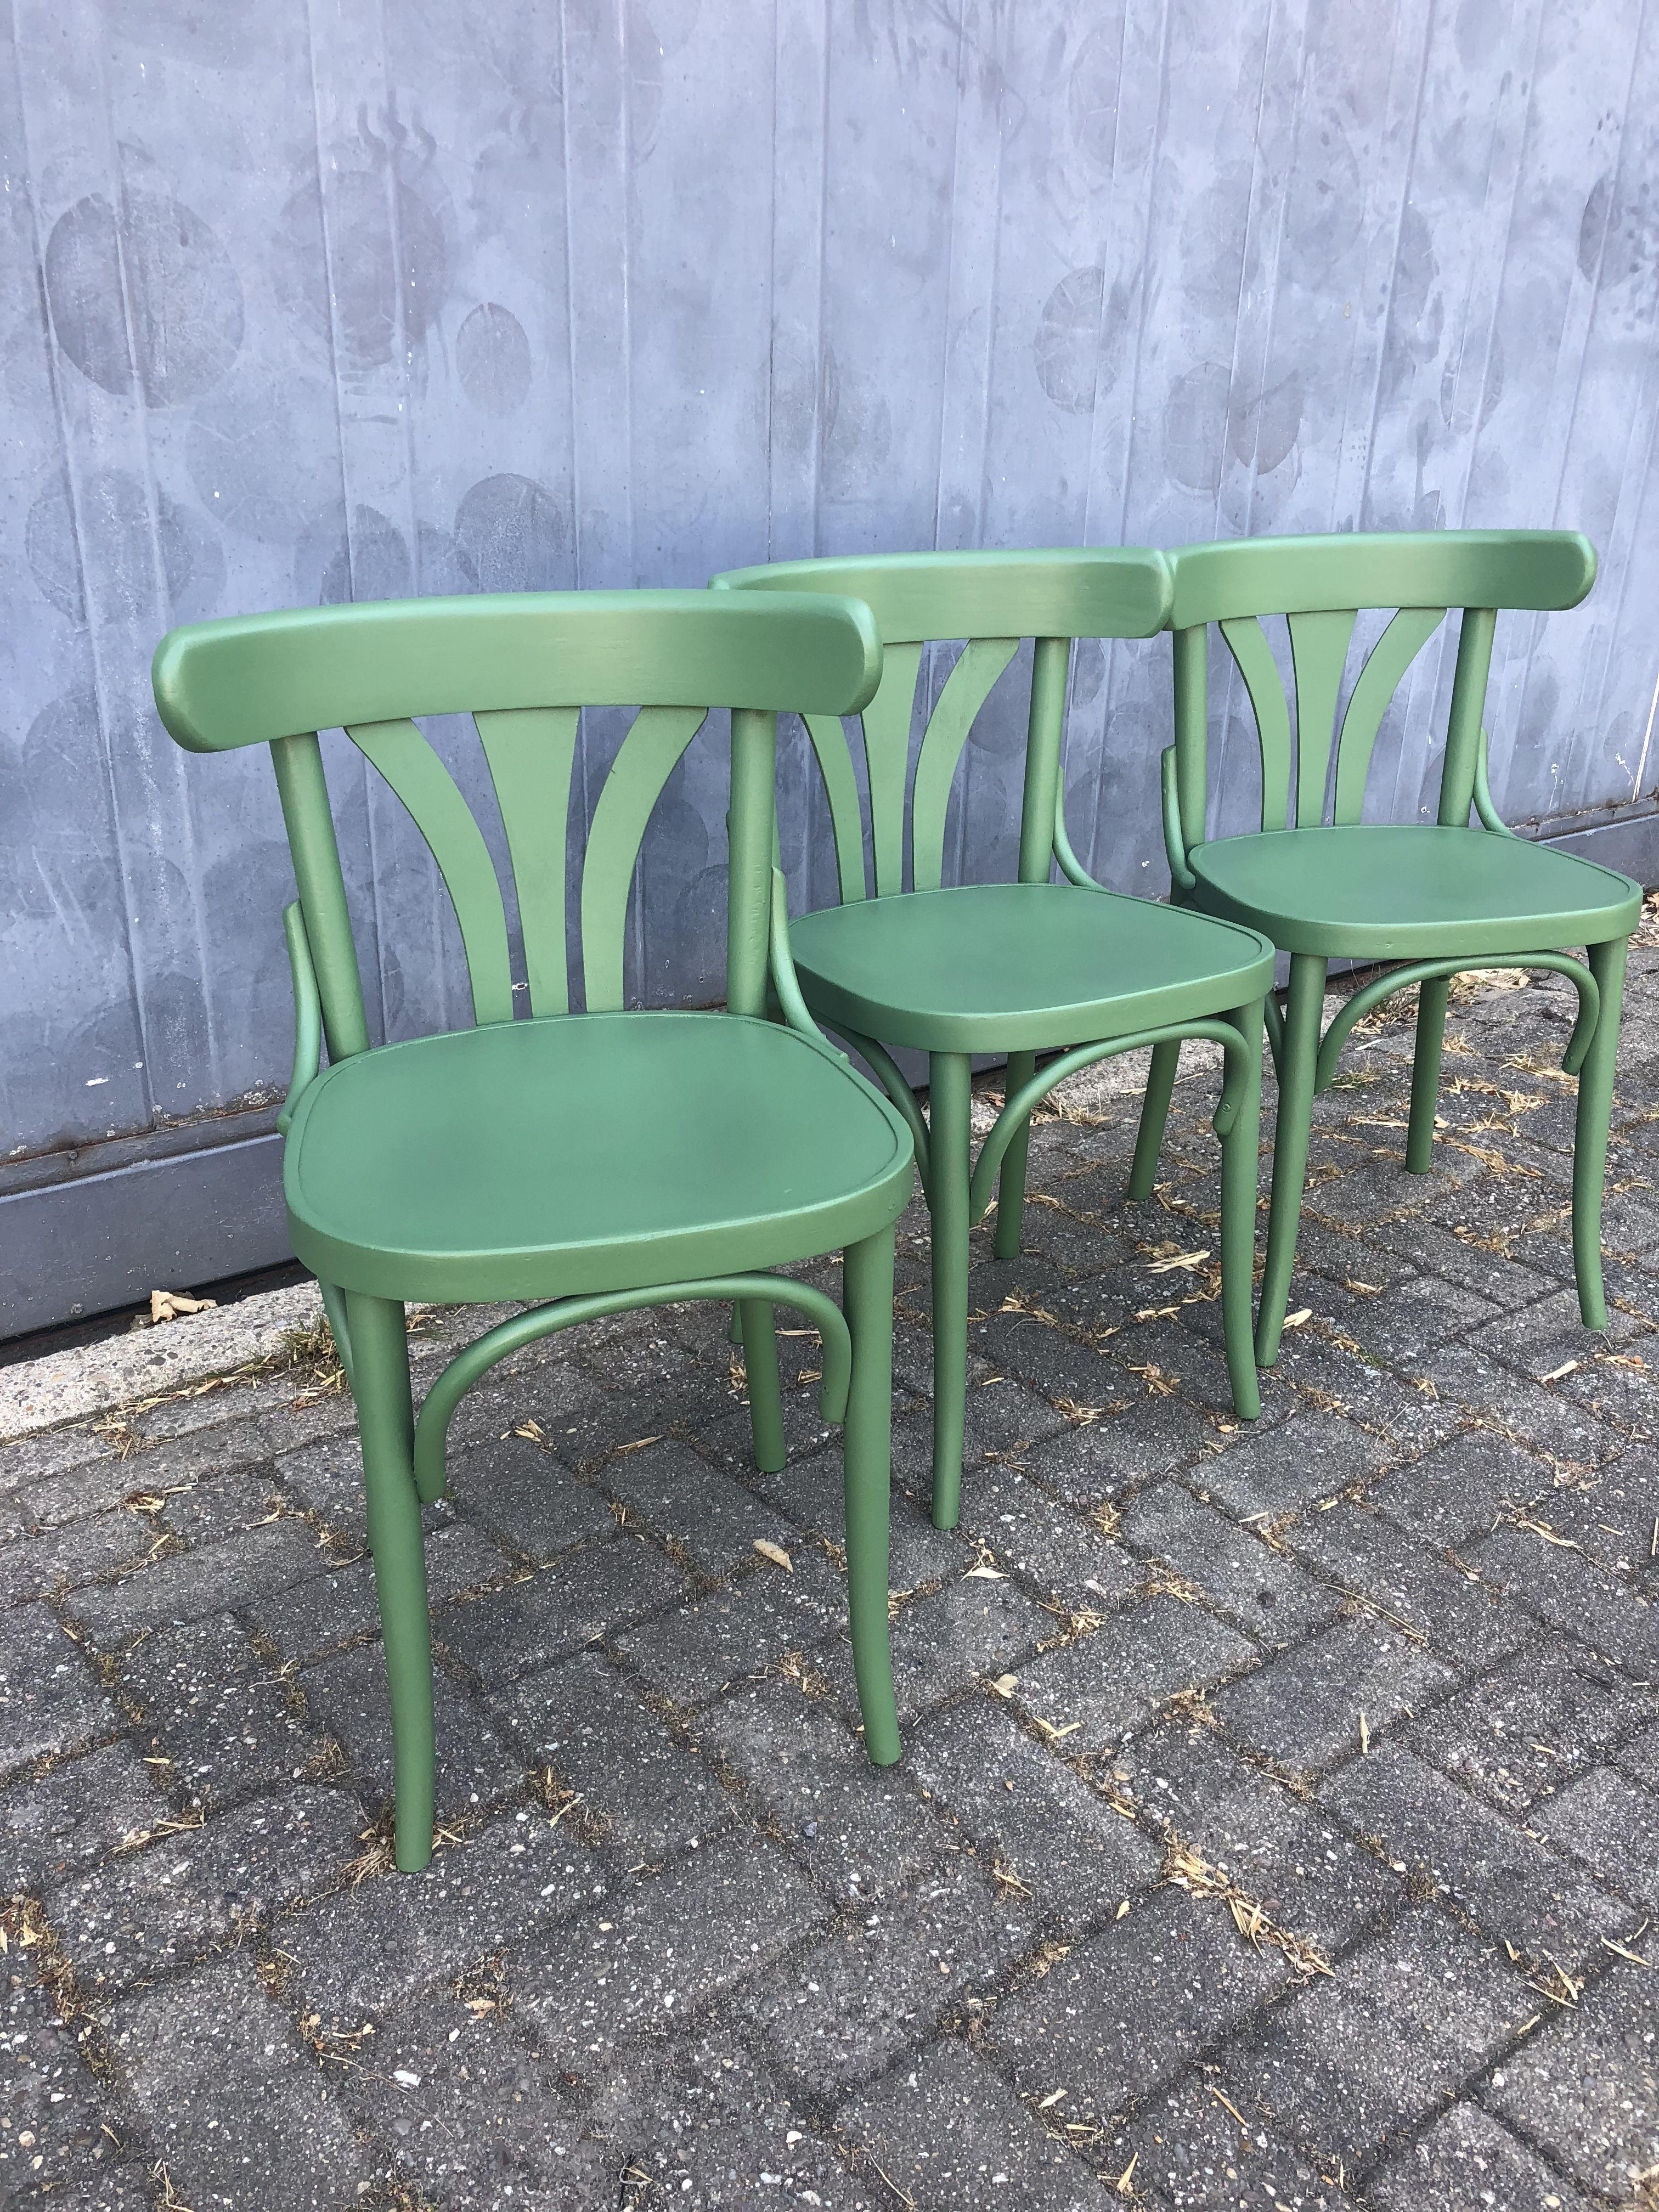 Eetkamer Cafe Stoelen.Cafestoelen Voor Ieder Interieur Op Maat Gemaakt